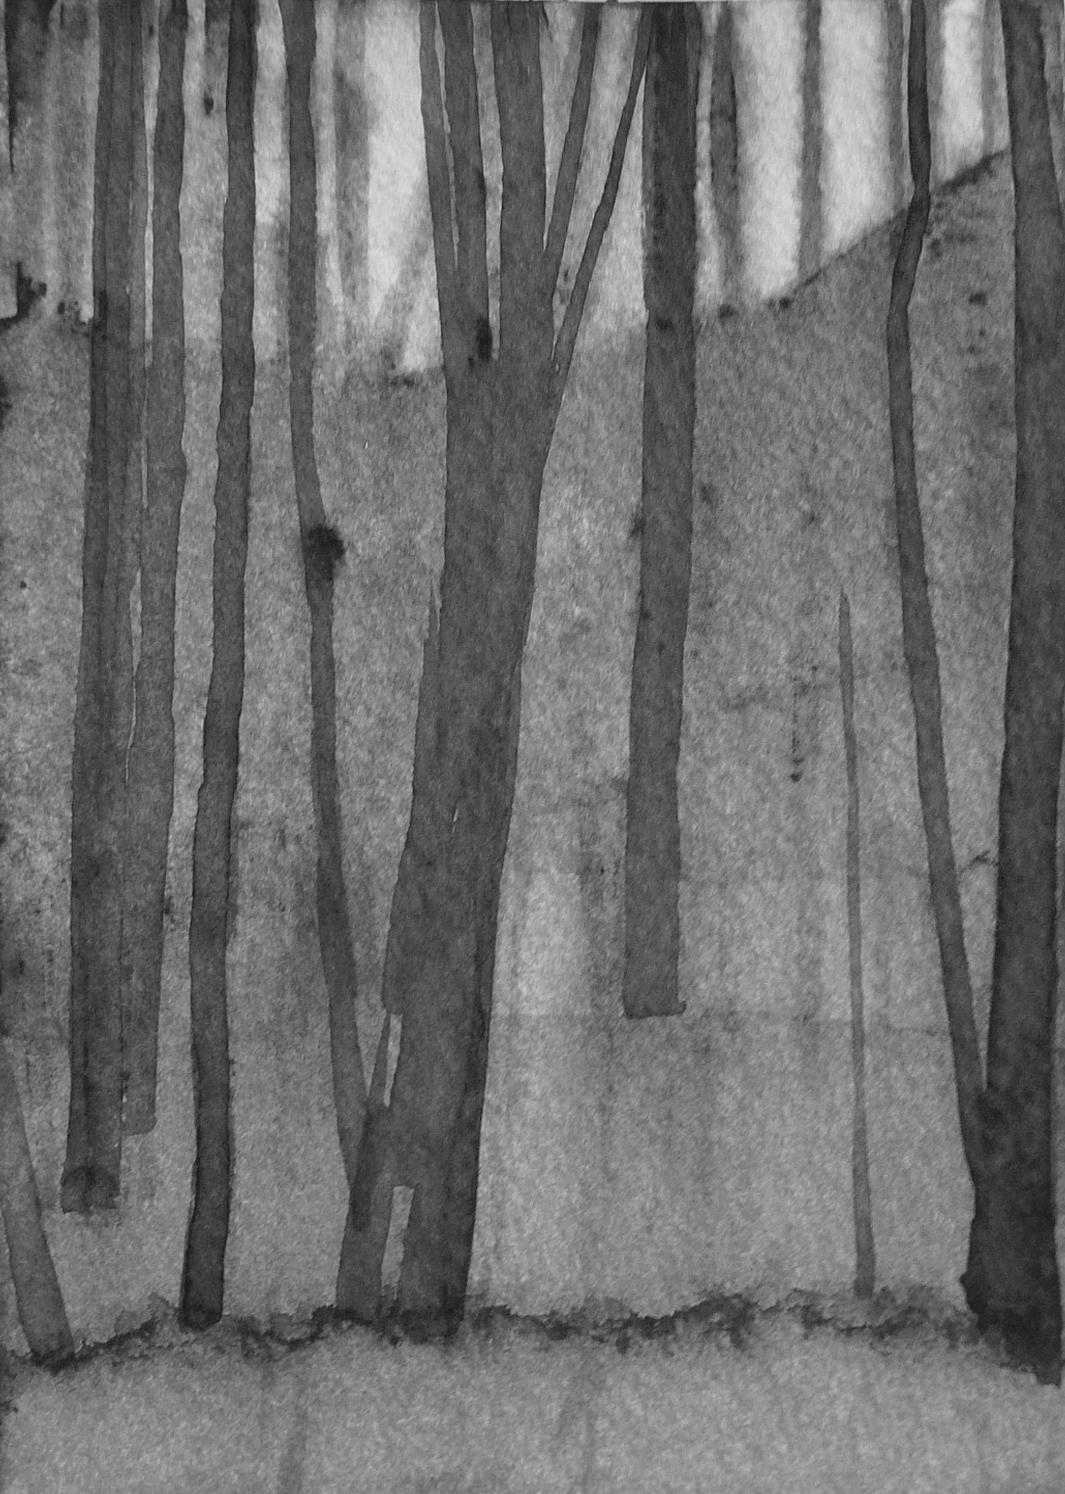 B&W vertical 20-23. Ink, paper. 15x10cm. 2015